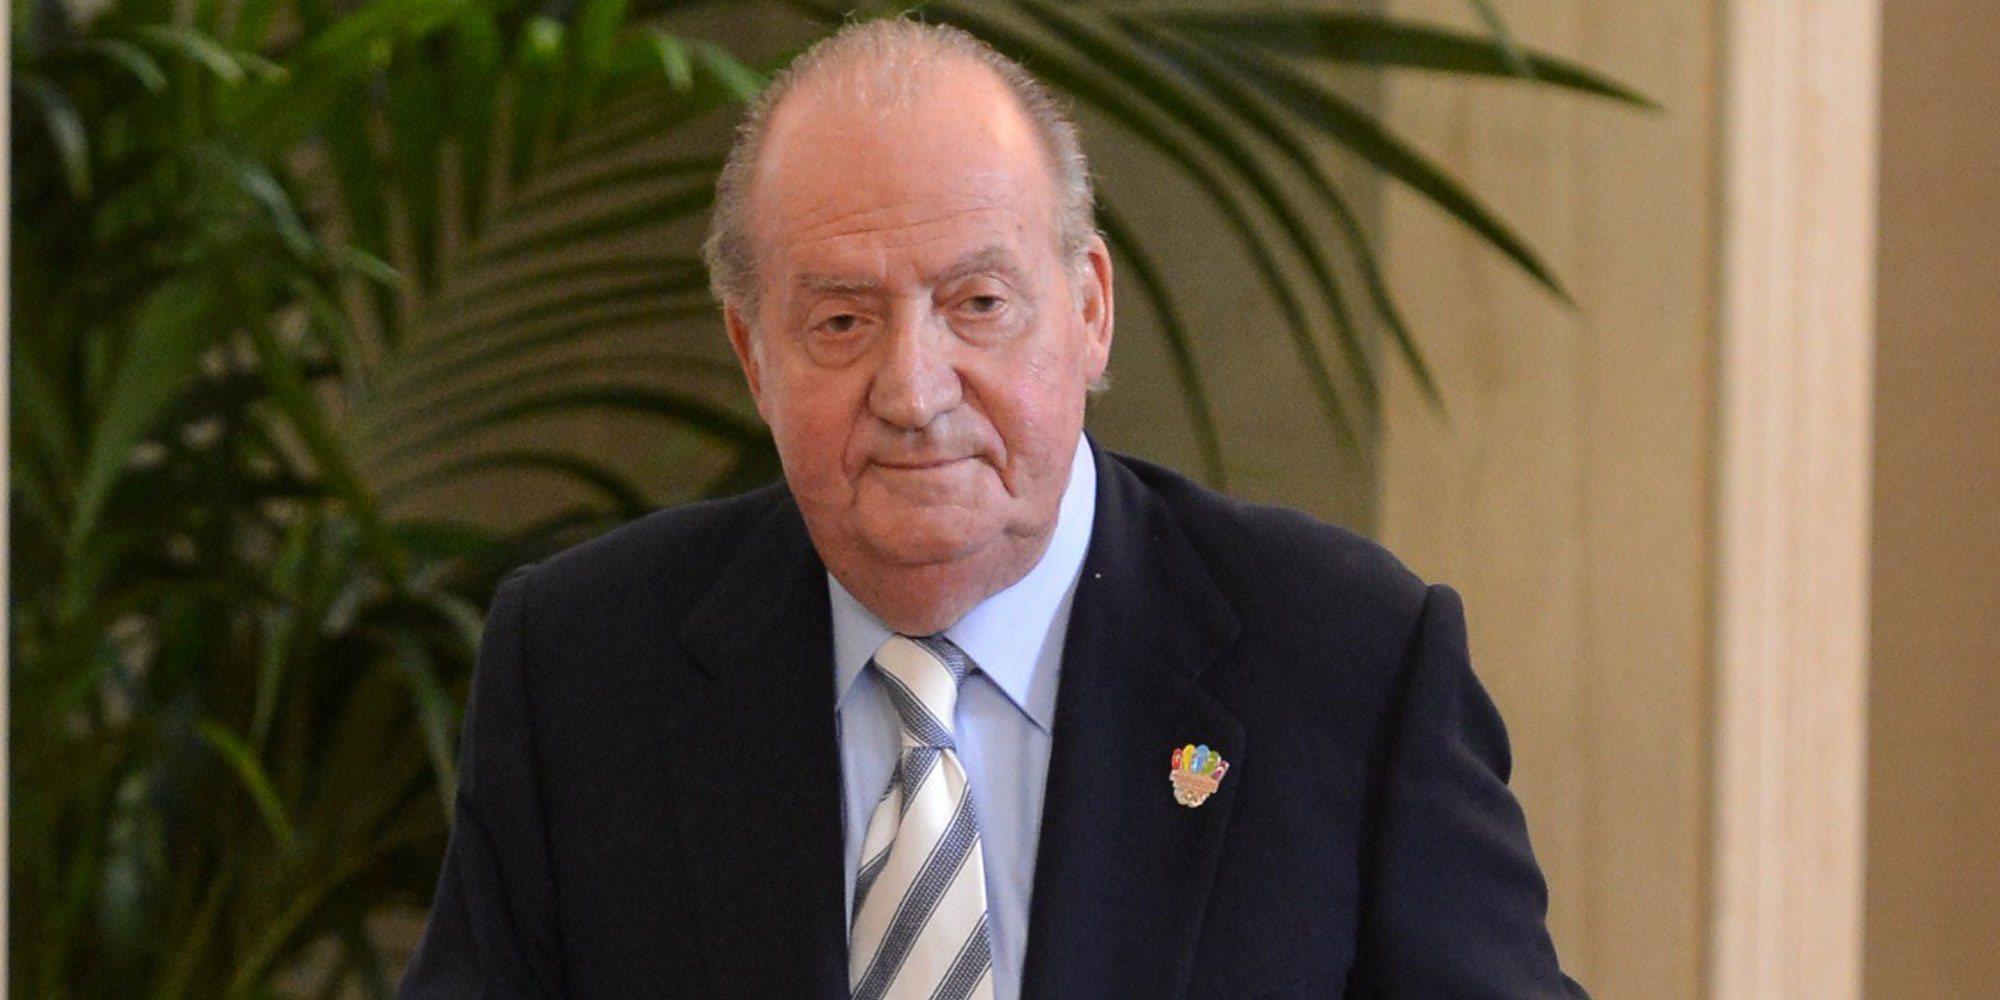 La postura del Rey Juan Carlos frente a las presiones de Casa Real: a lo que está dispuesto y a lo que se niega a aceptar